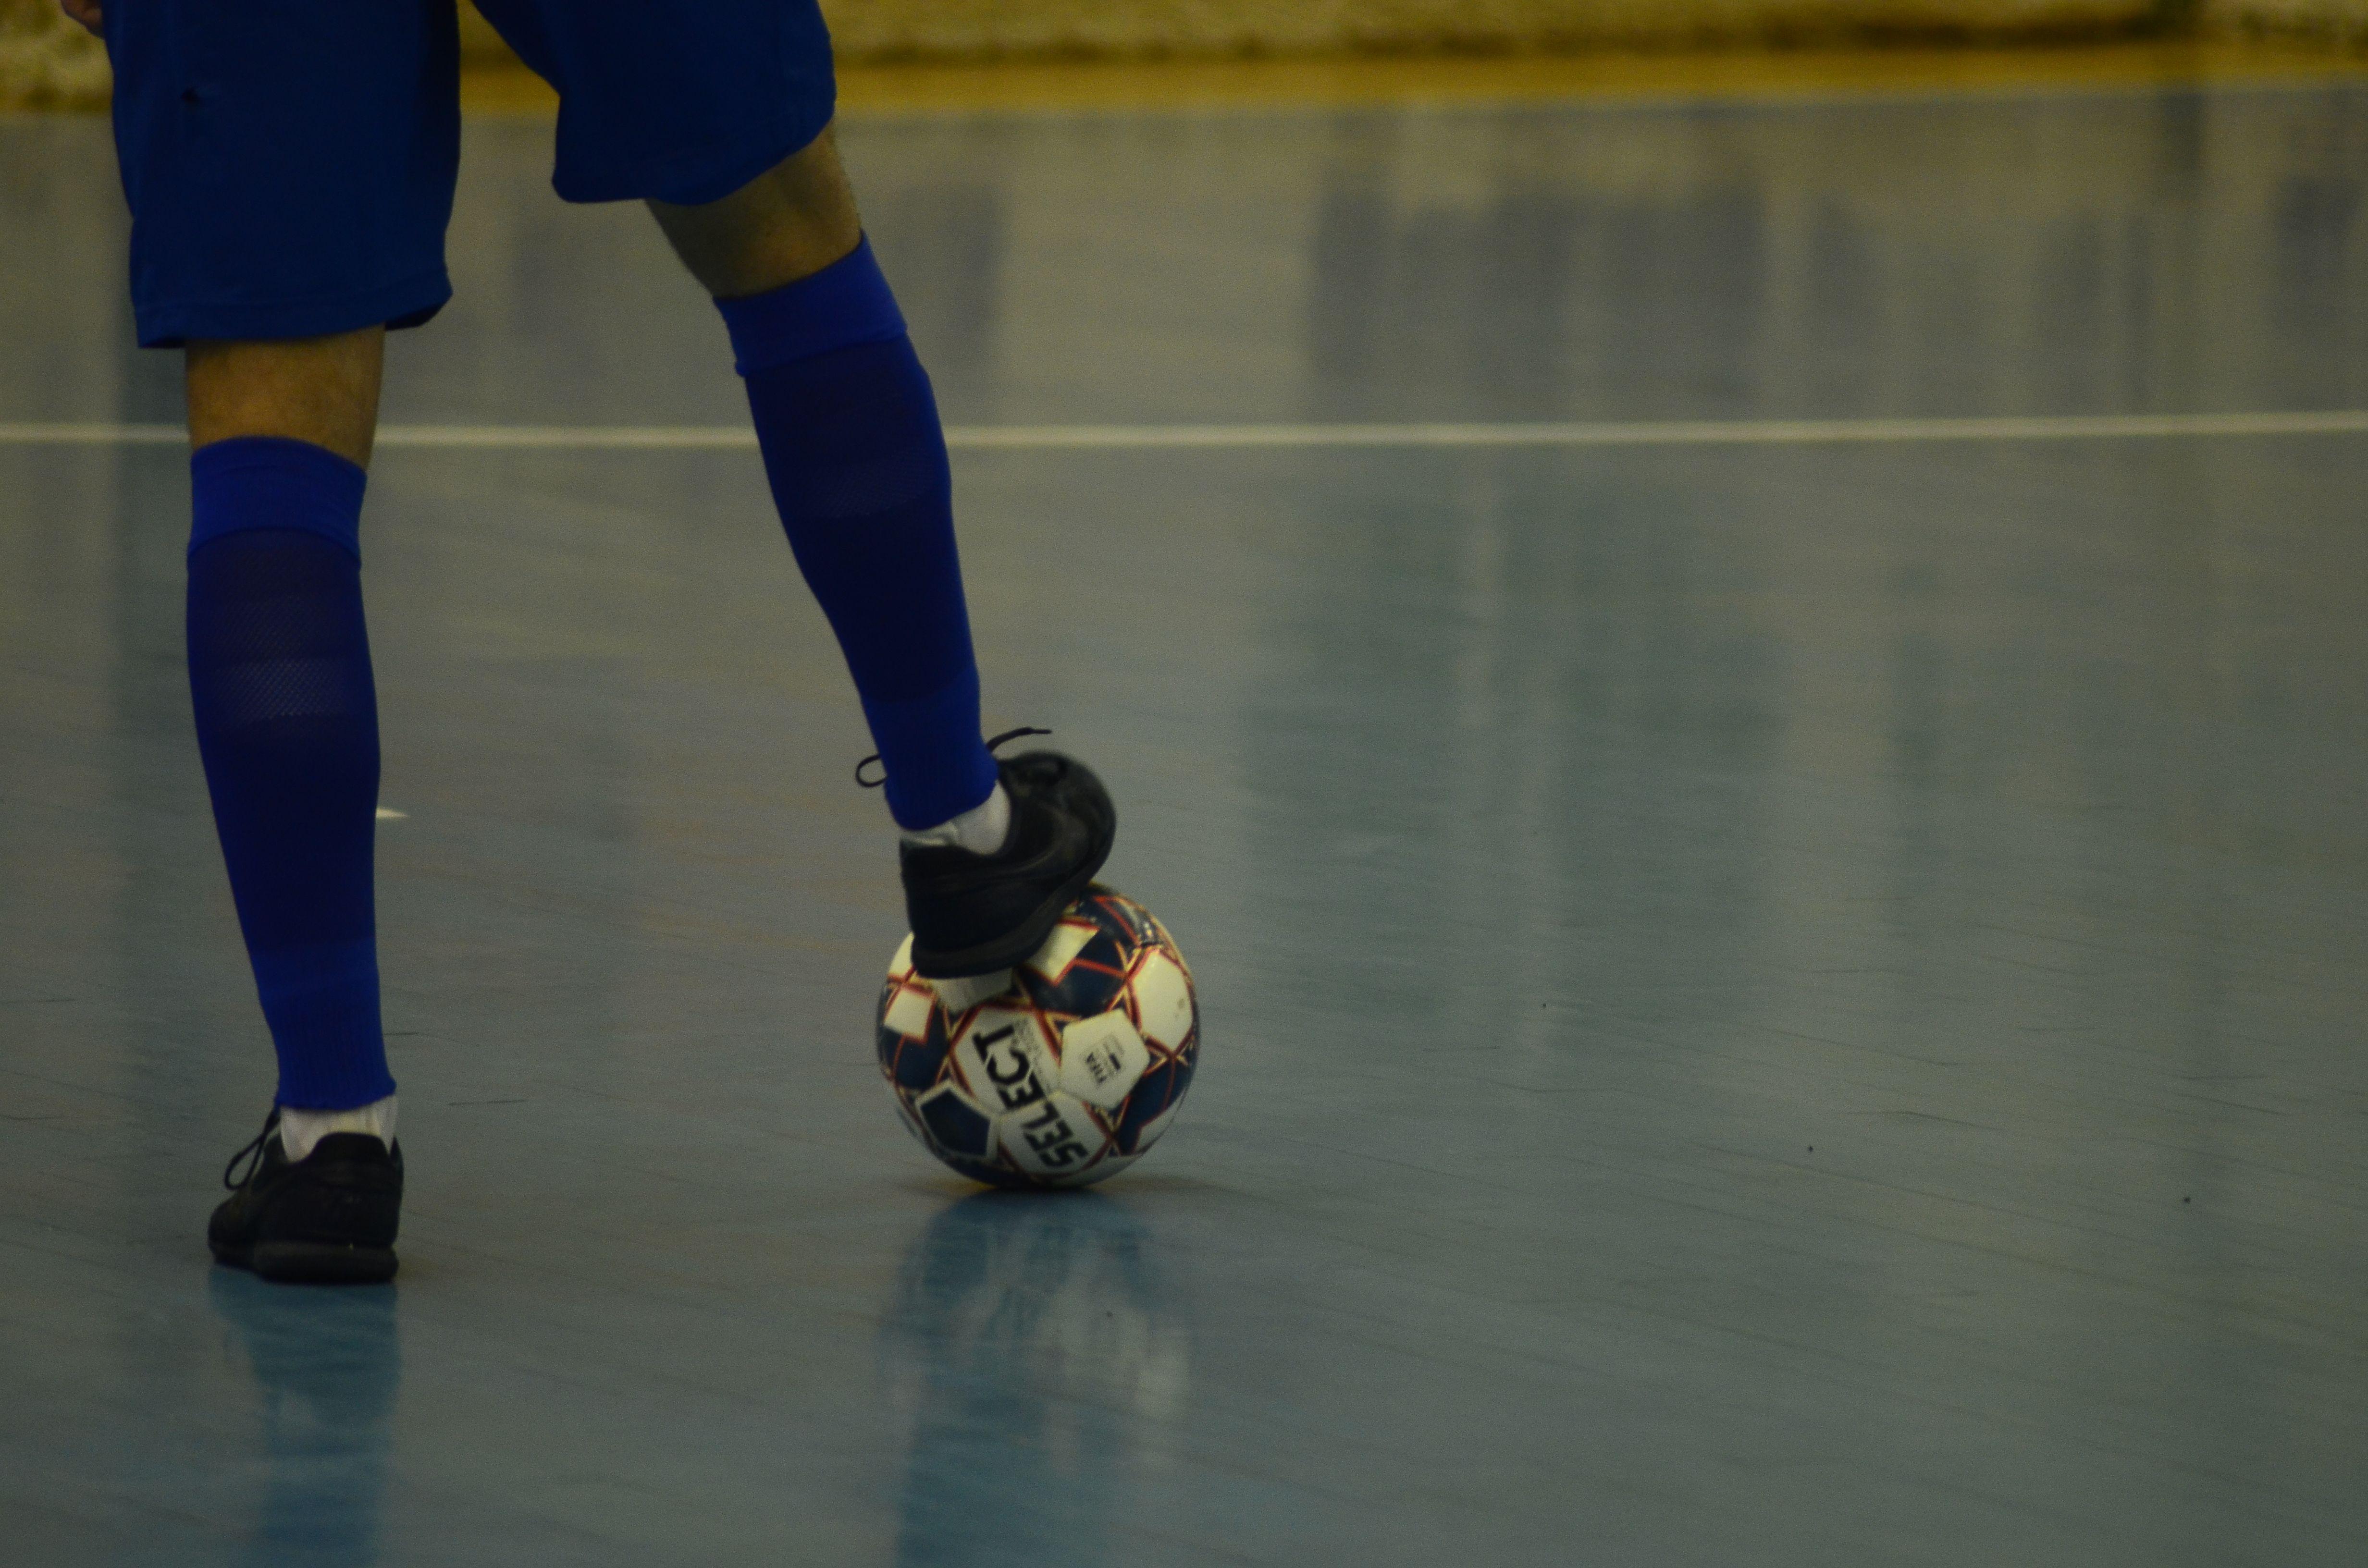 Спортивные состязания организуют для всех желающих в Сосенском. Фото: Анна Быкова